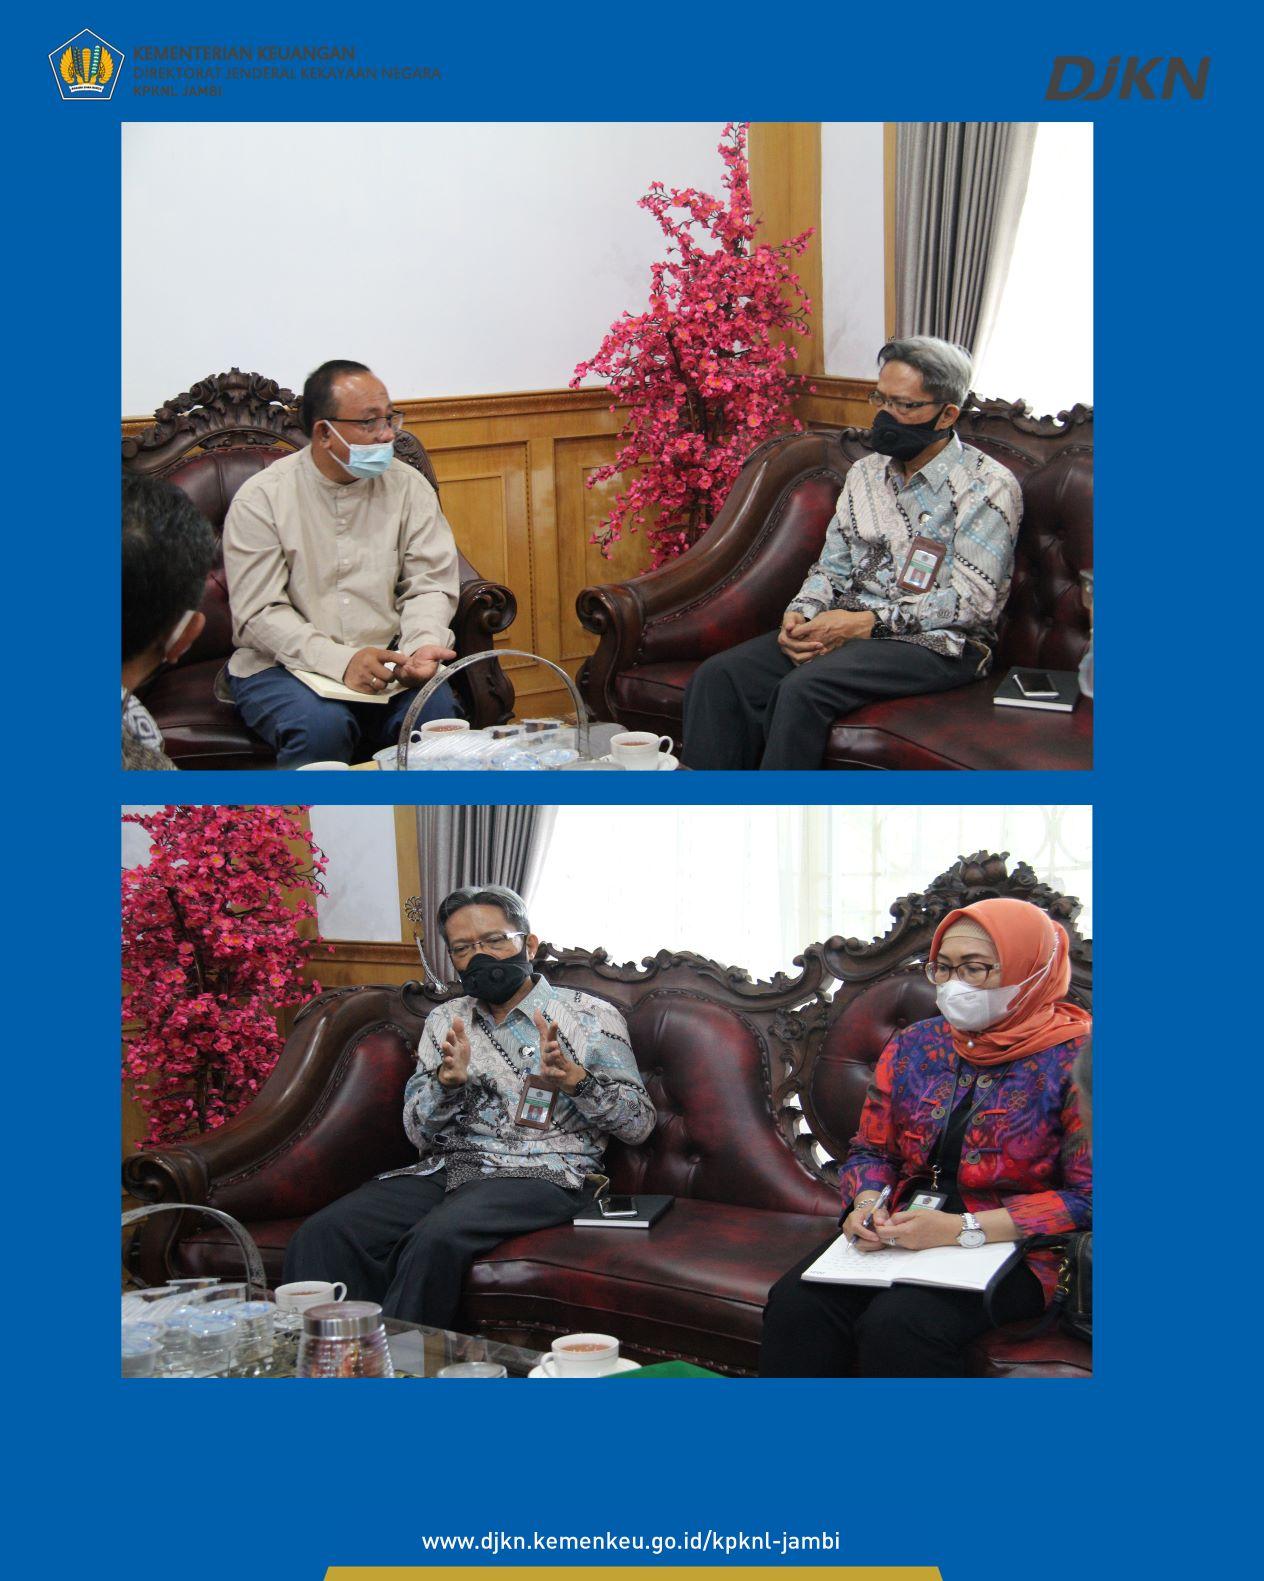 Kunjungan Kerja Kepala Kanwil DJKN SJB di Prov Jambi ke Universitas Jambi (Unja), UIN Sultan Thaha Saifuddin dan Rumkit Bhayangkara Jambi